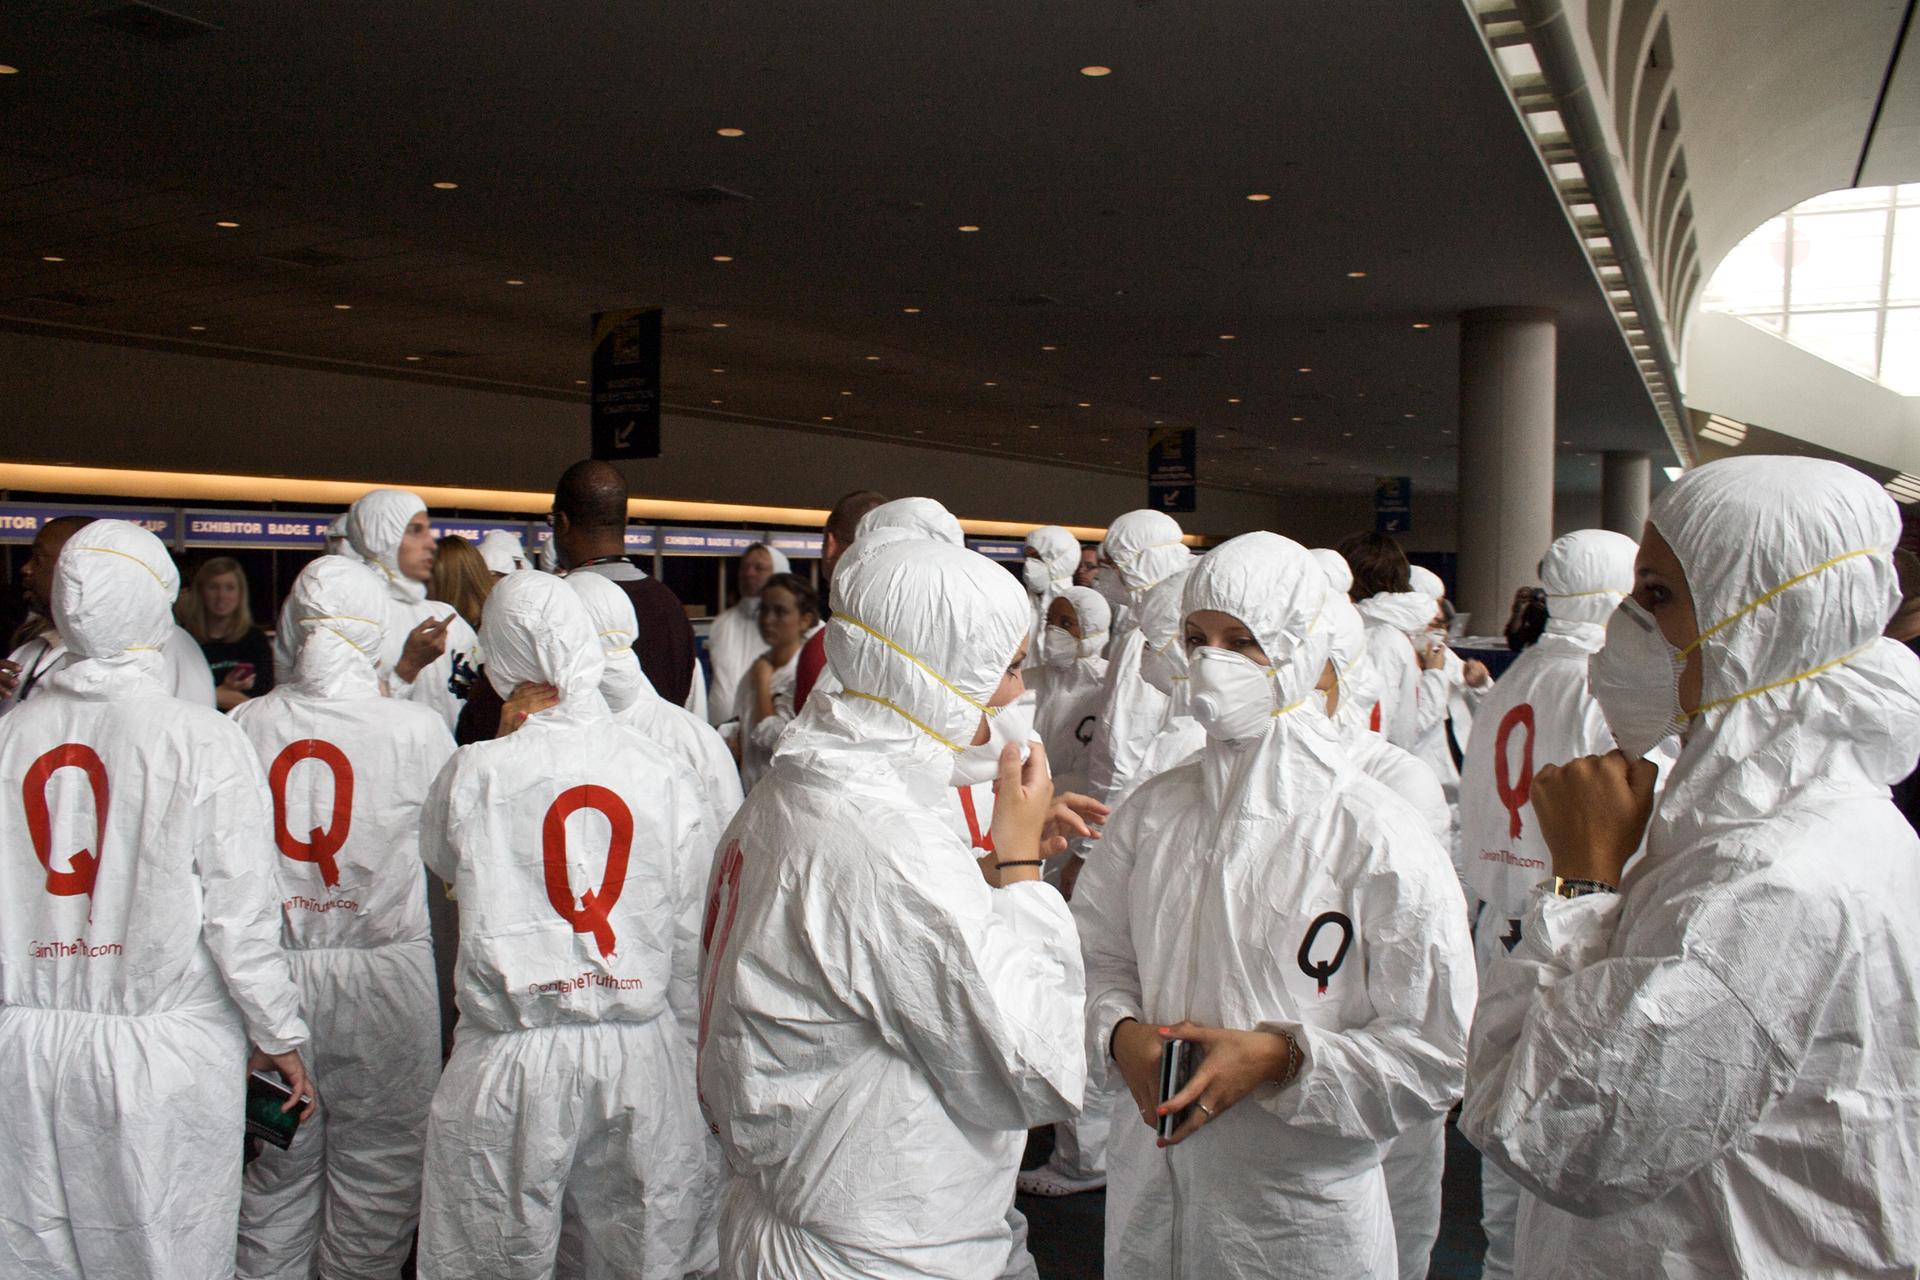 Kolorowe zdjęcie przedstawia grupę osób wbiałych kombinezonach. Wszystkie osoby mają maski nałożone na nos iusta. Na plecach duża czerwona litera Q.